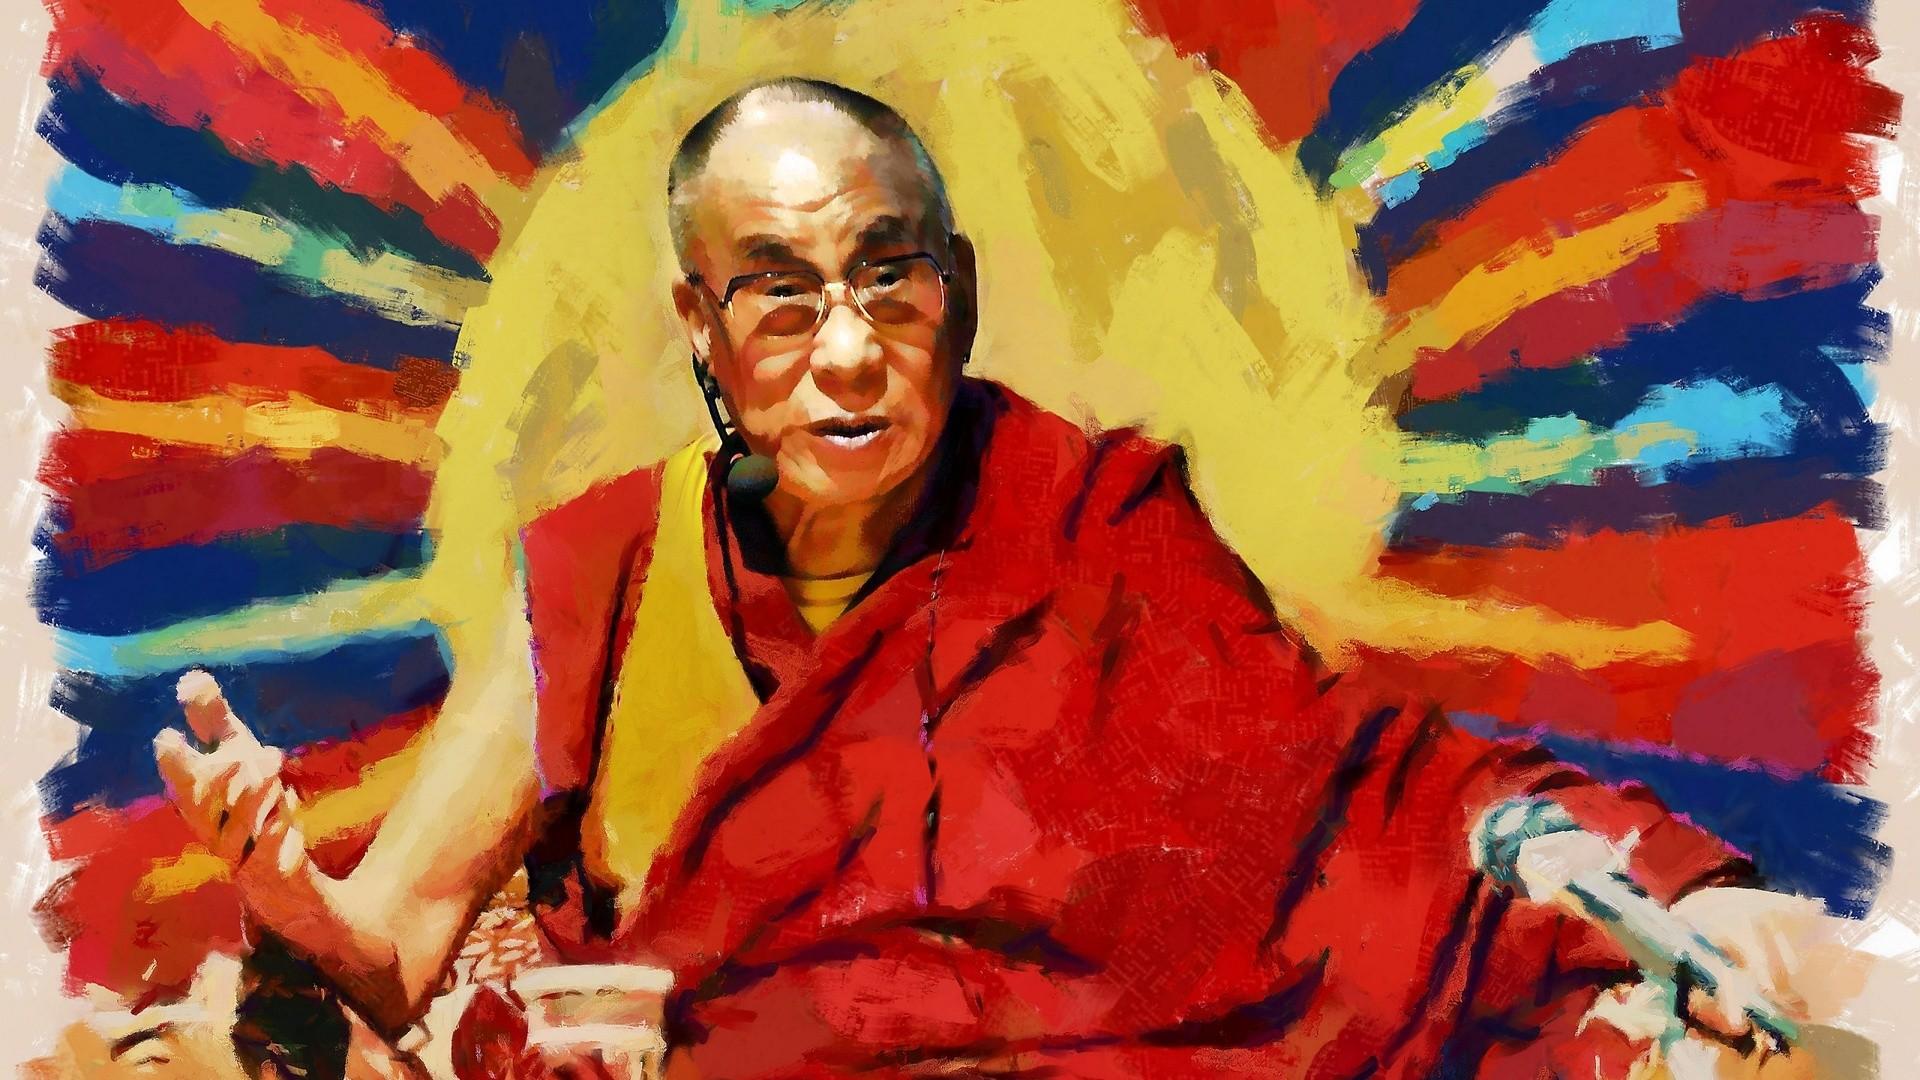 Dalai Lama Wallpaper ·①